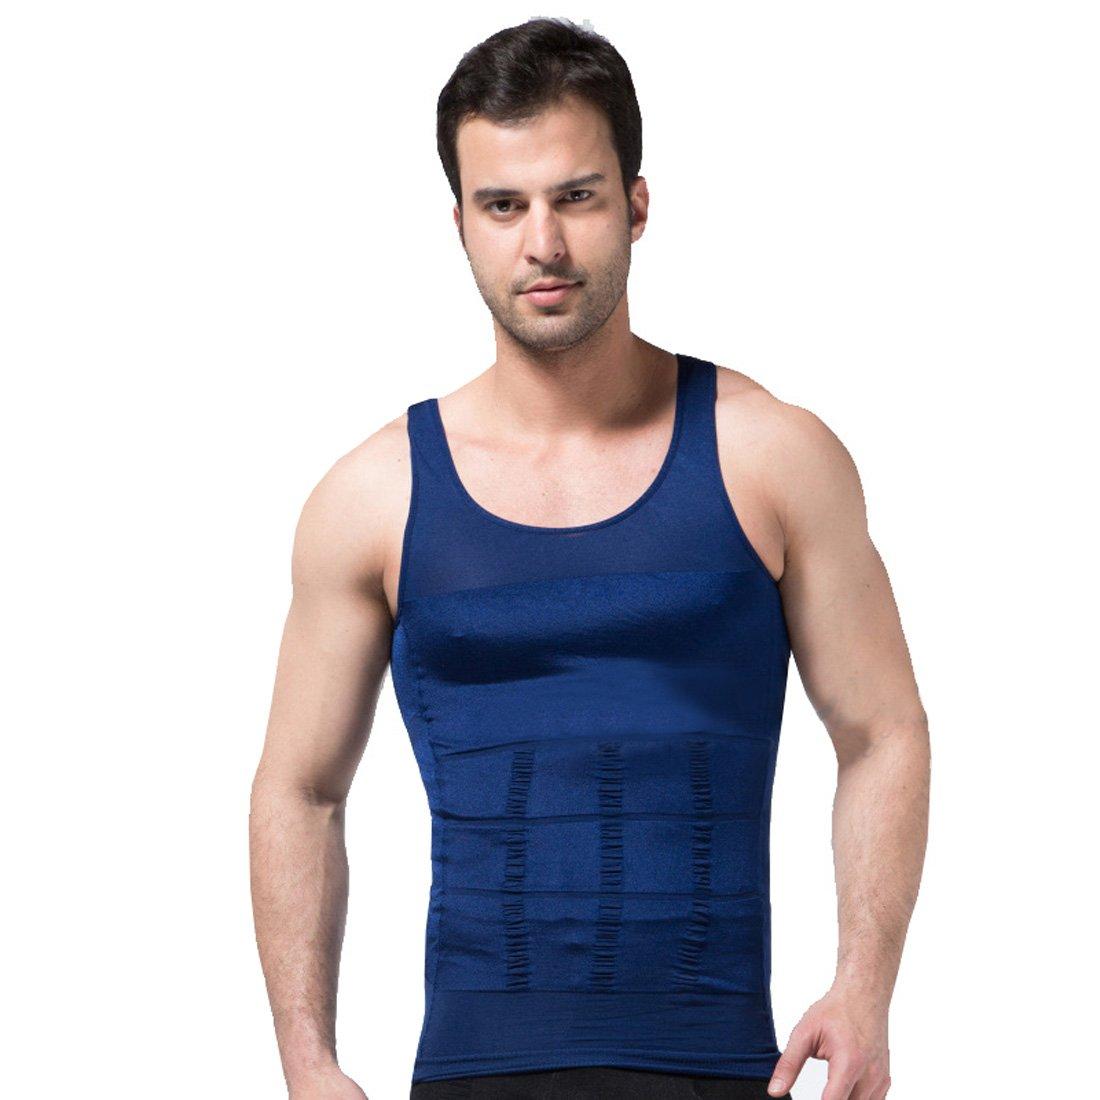 ZEROBODYS Faja reductora hombres camisa de elástica de adelgazamiento de la forma chaleco escultural Azul SS-M01 (M): Amazon.es: Deportes y aire libre